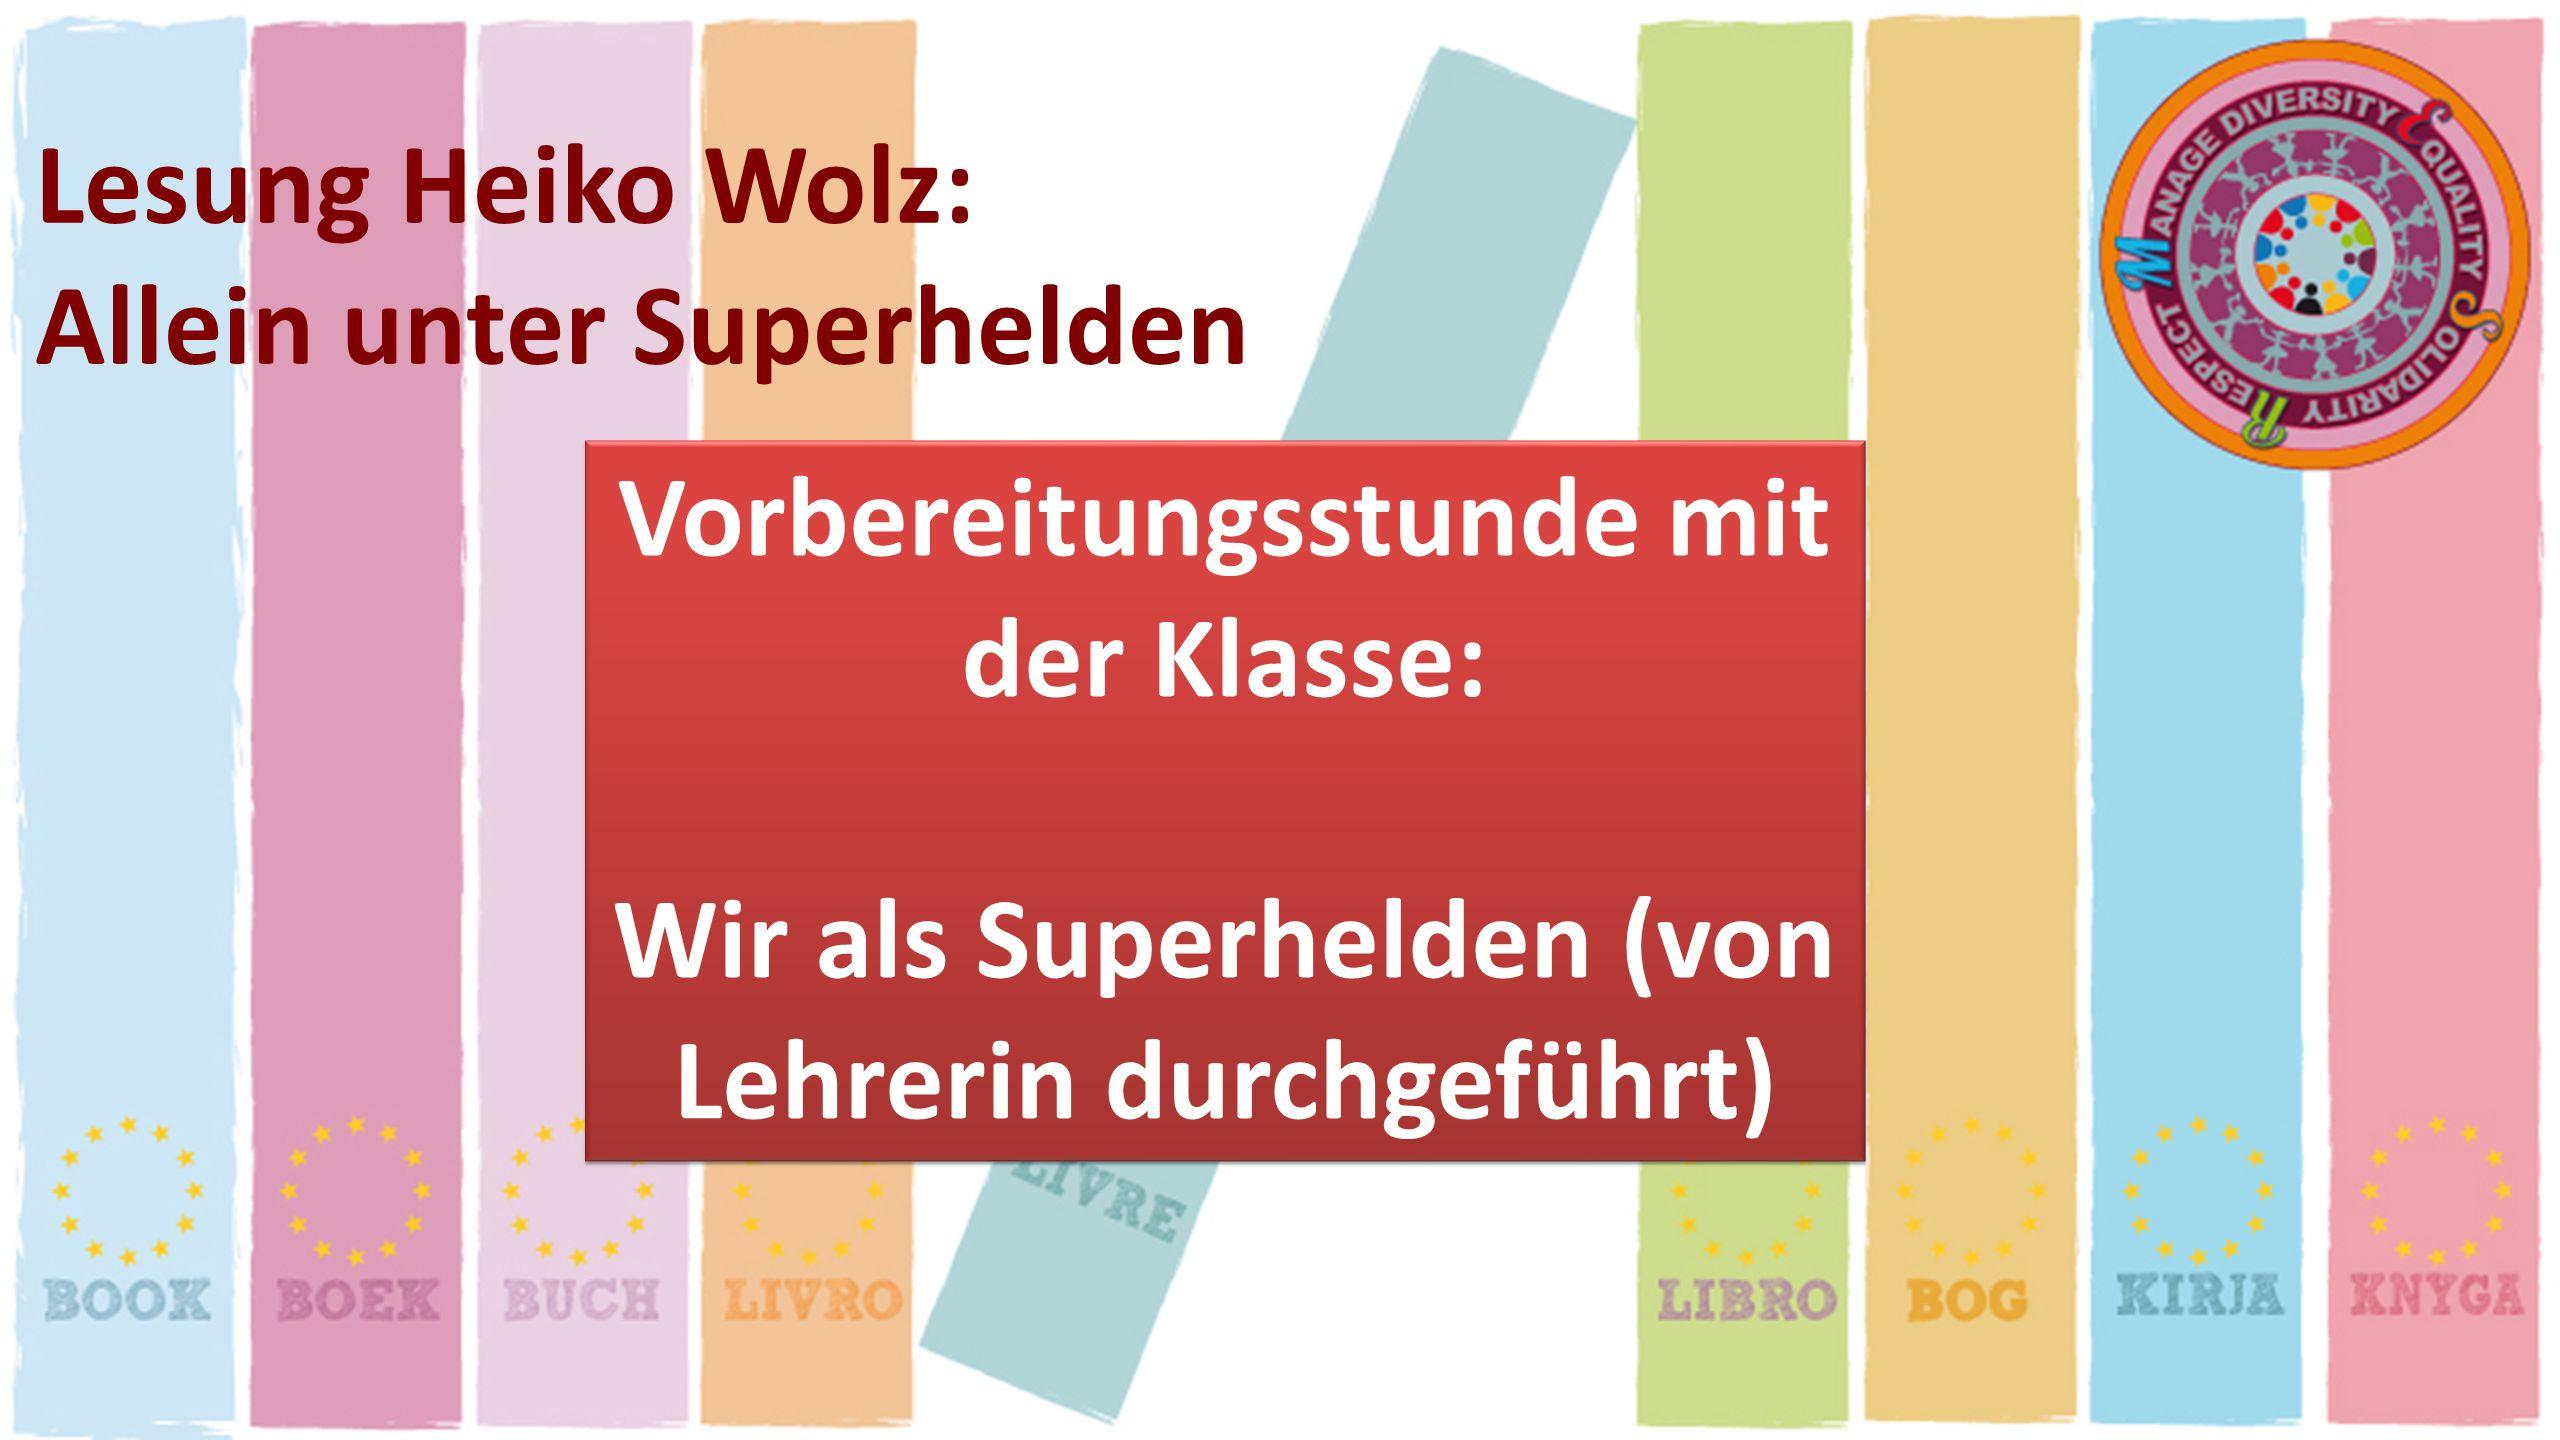 Lesung Heiko Wolz: Allein unter Superhelden Vorbereitungsstunde mit der Klasse: Wir als Superhelden (von Lehrerin durchgeführt) Vorbereitungsstunde mi